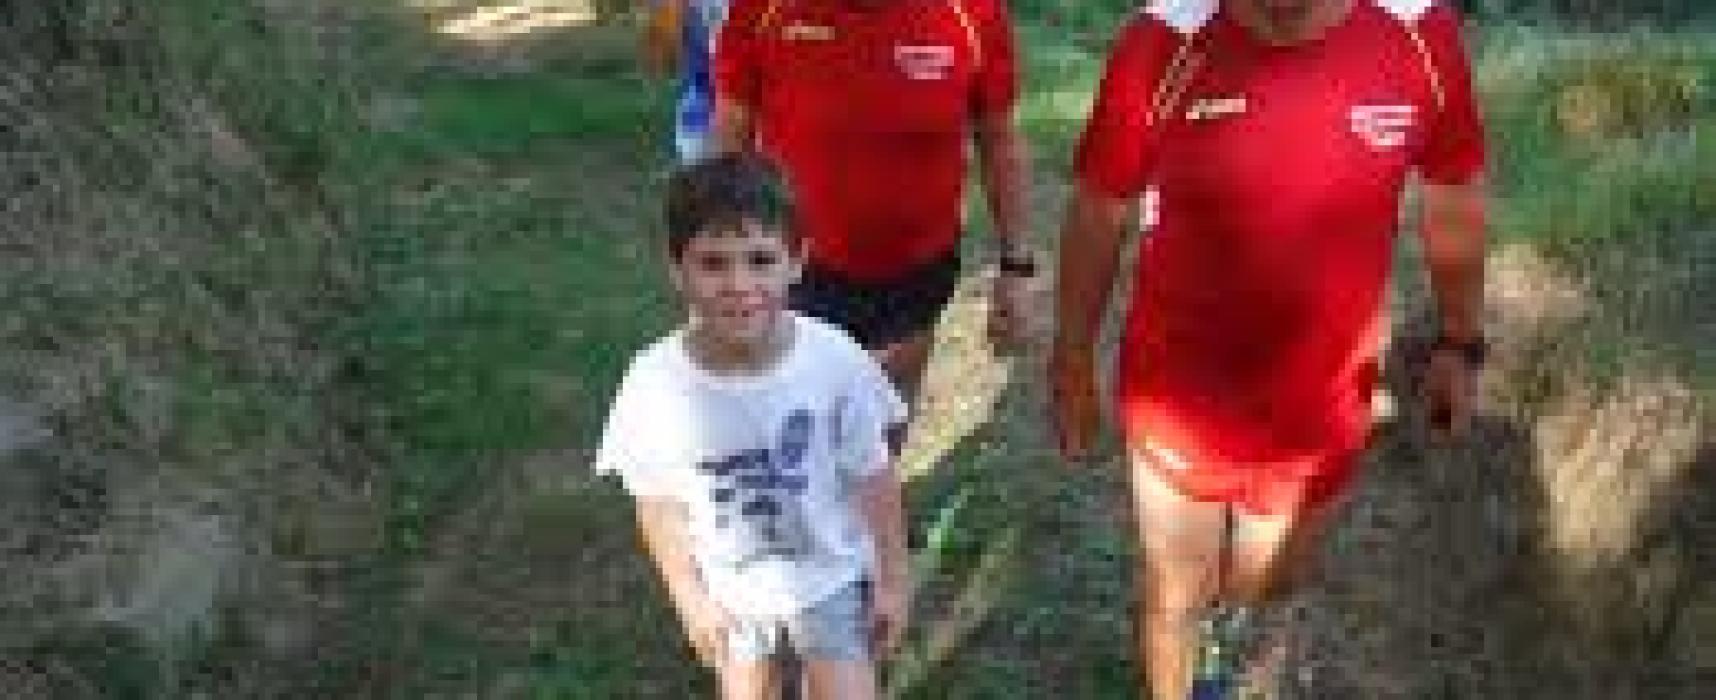 Torna la Scarpinata Piandicoreglina – Ricordando Giuliano Berlingacci